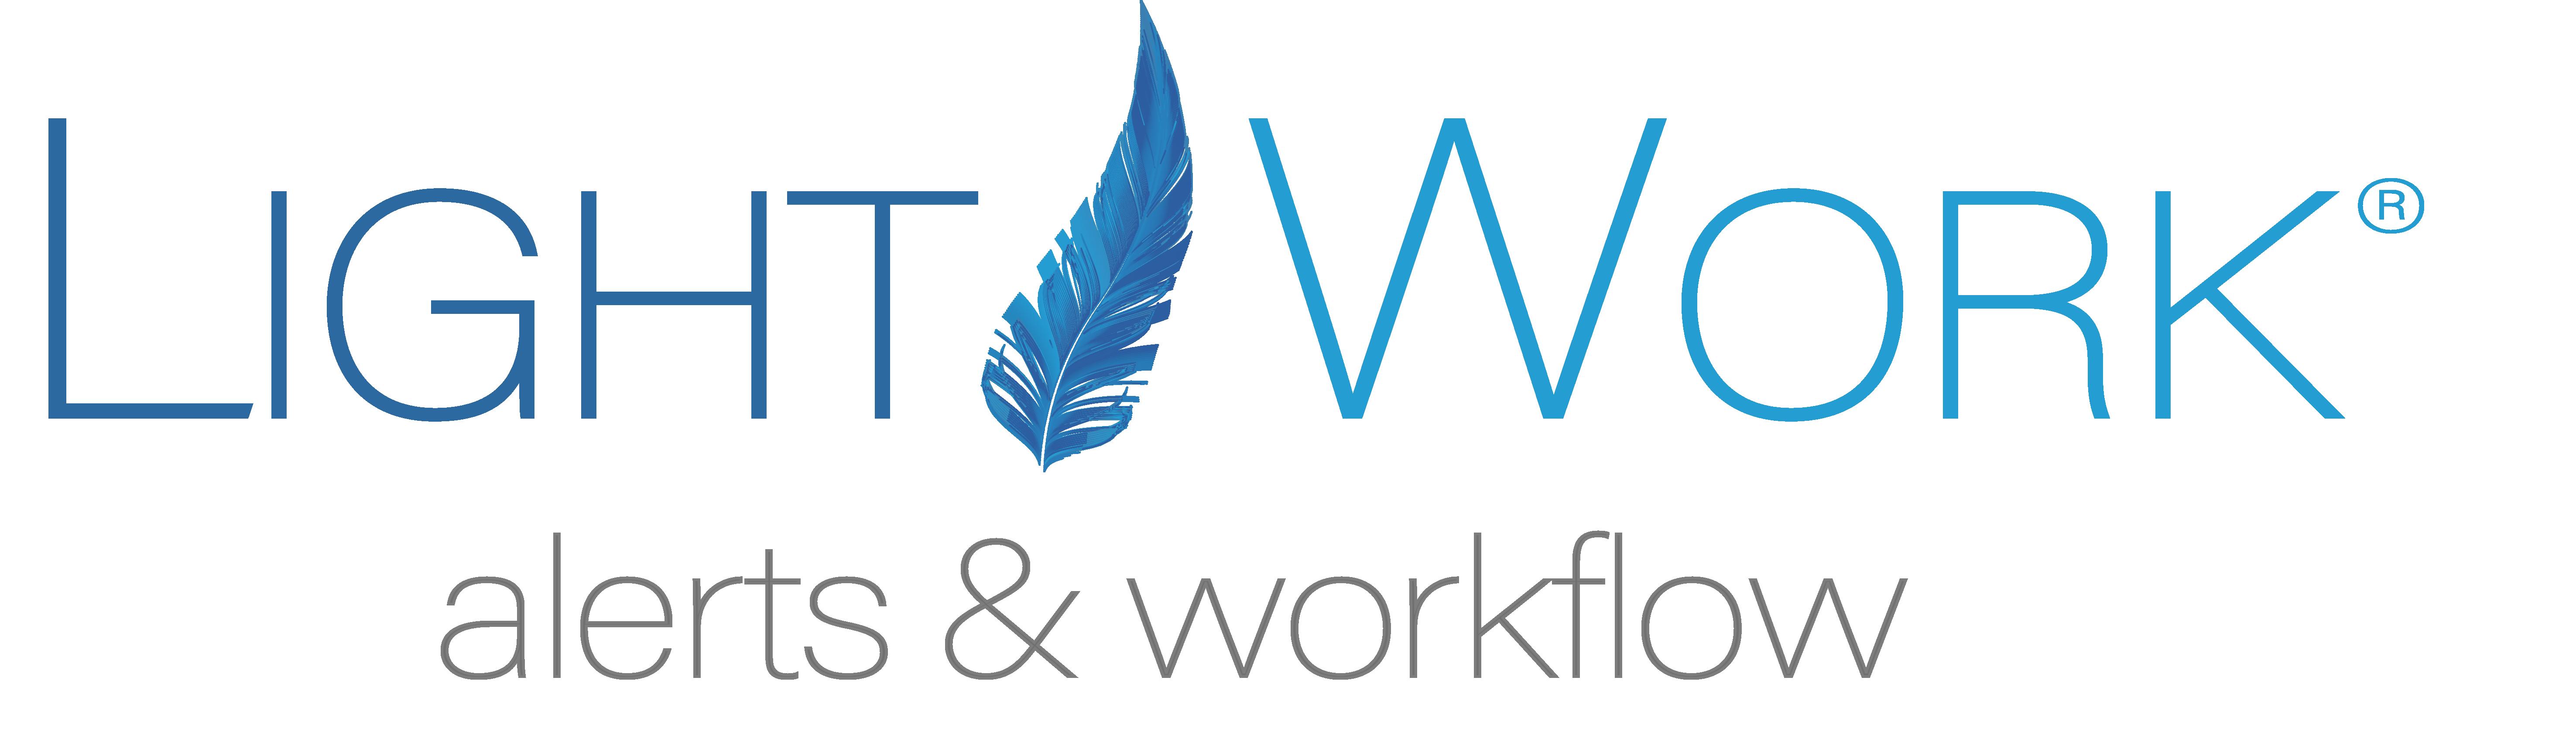 lightwork alerts & workflow logo